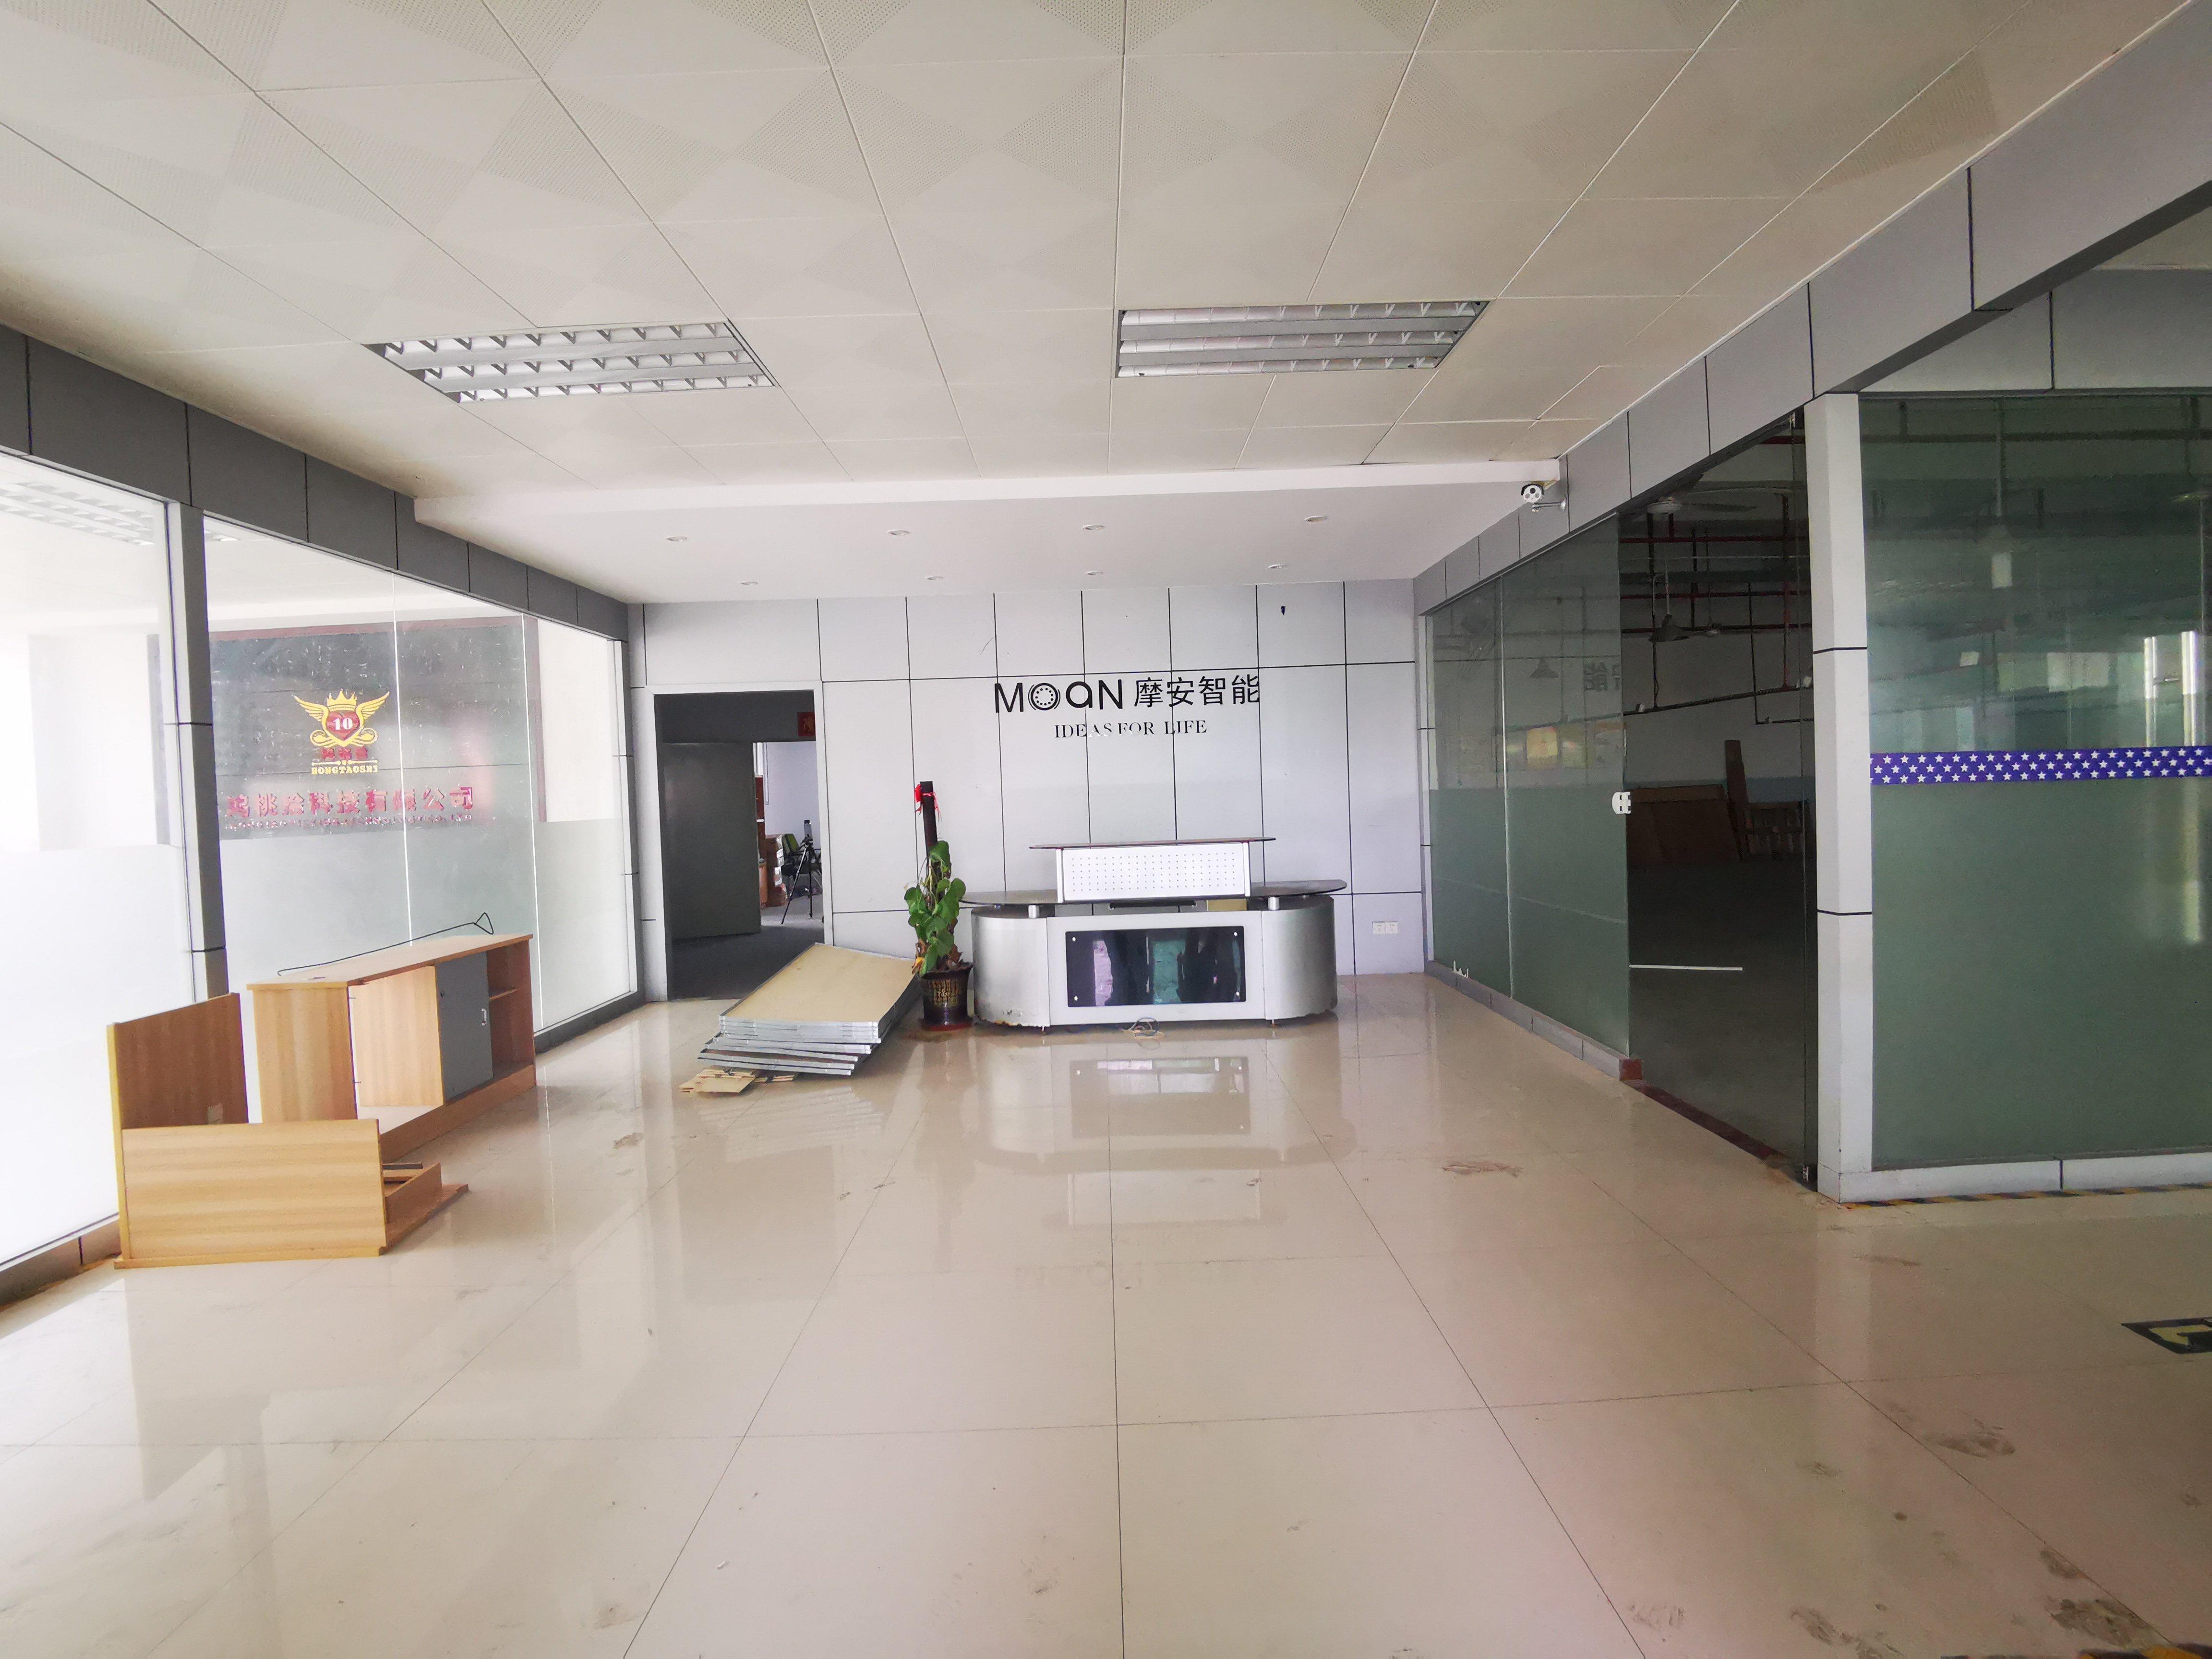 观澜新田楼上带玻璃门装修厂房,车间仓库齐全,适合做各种行业